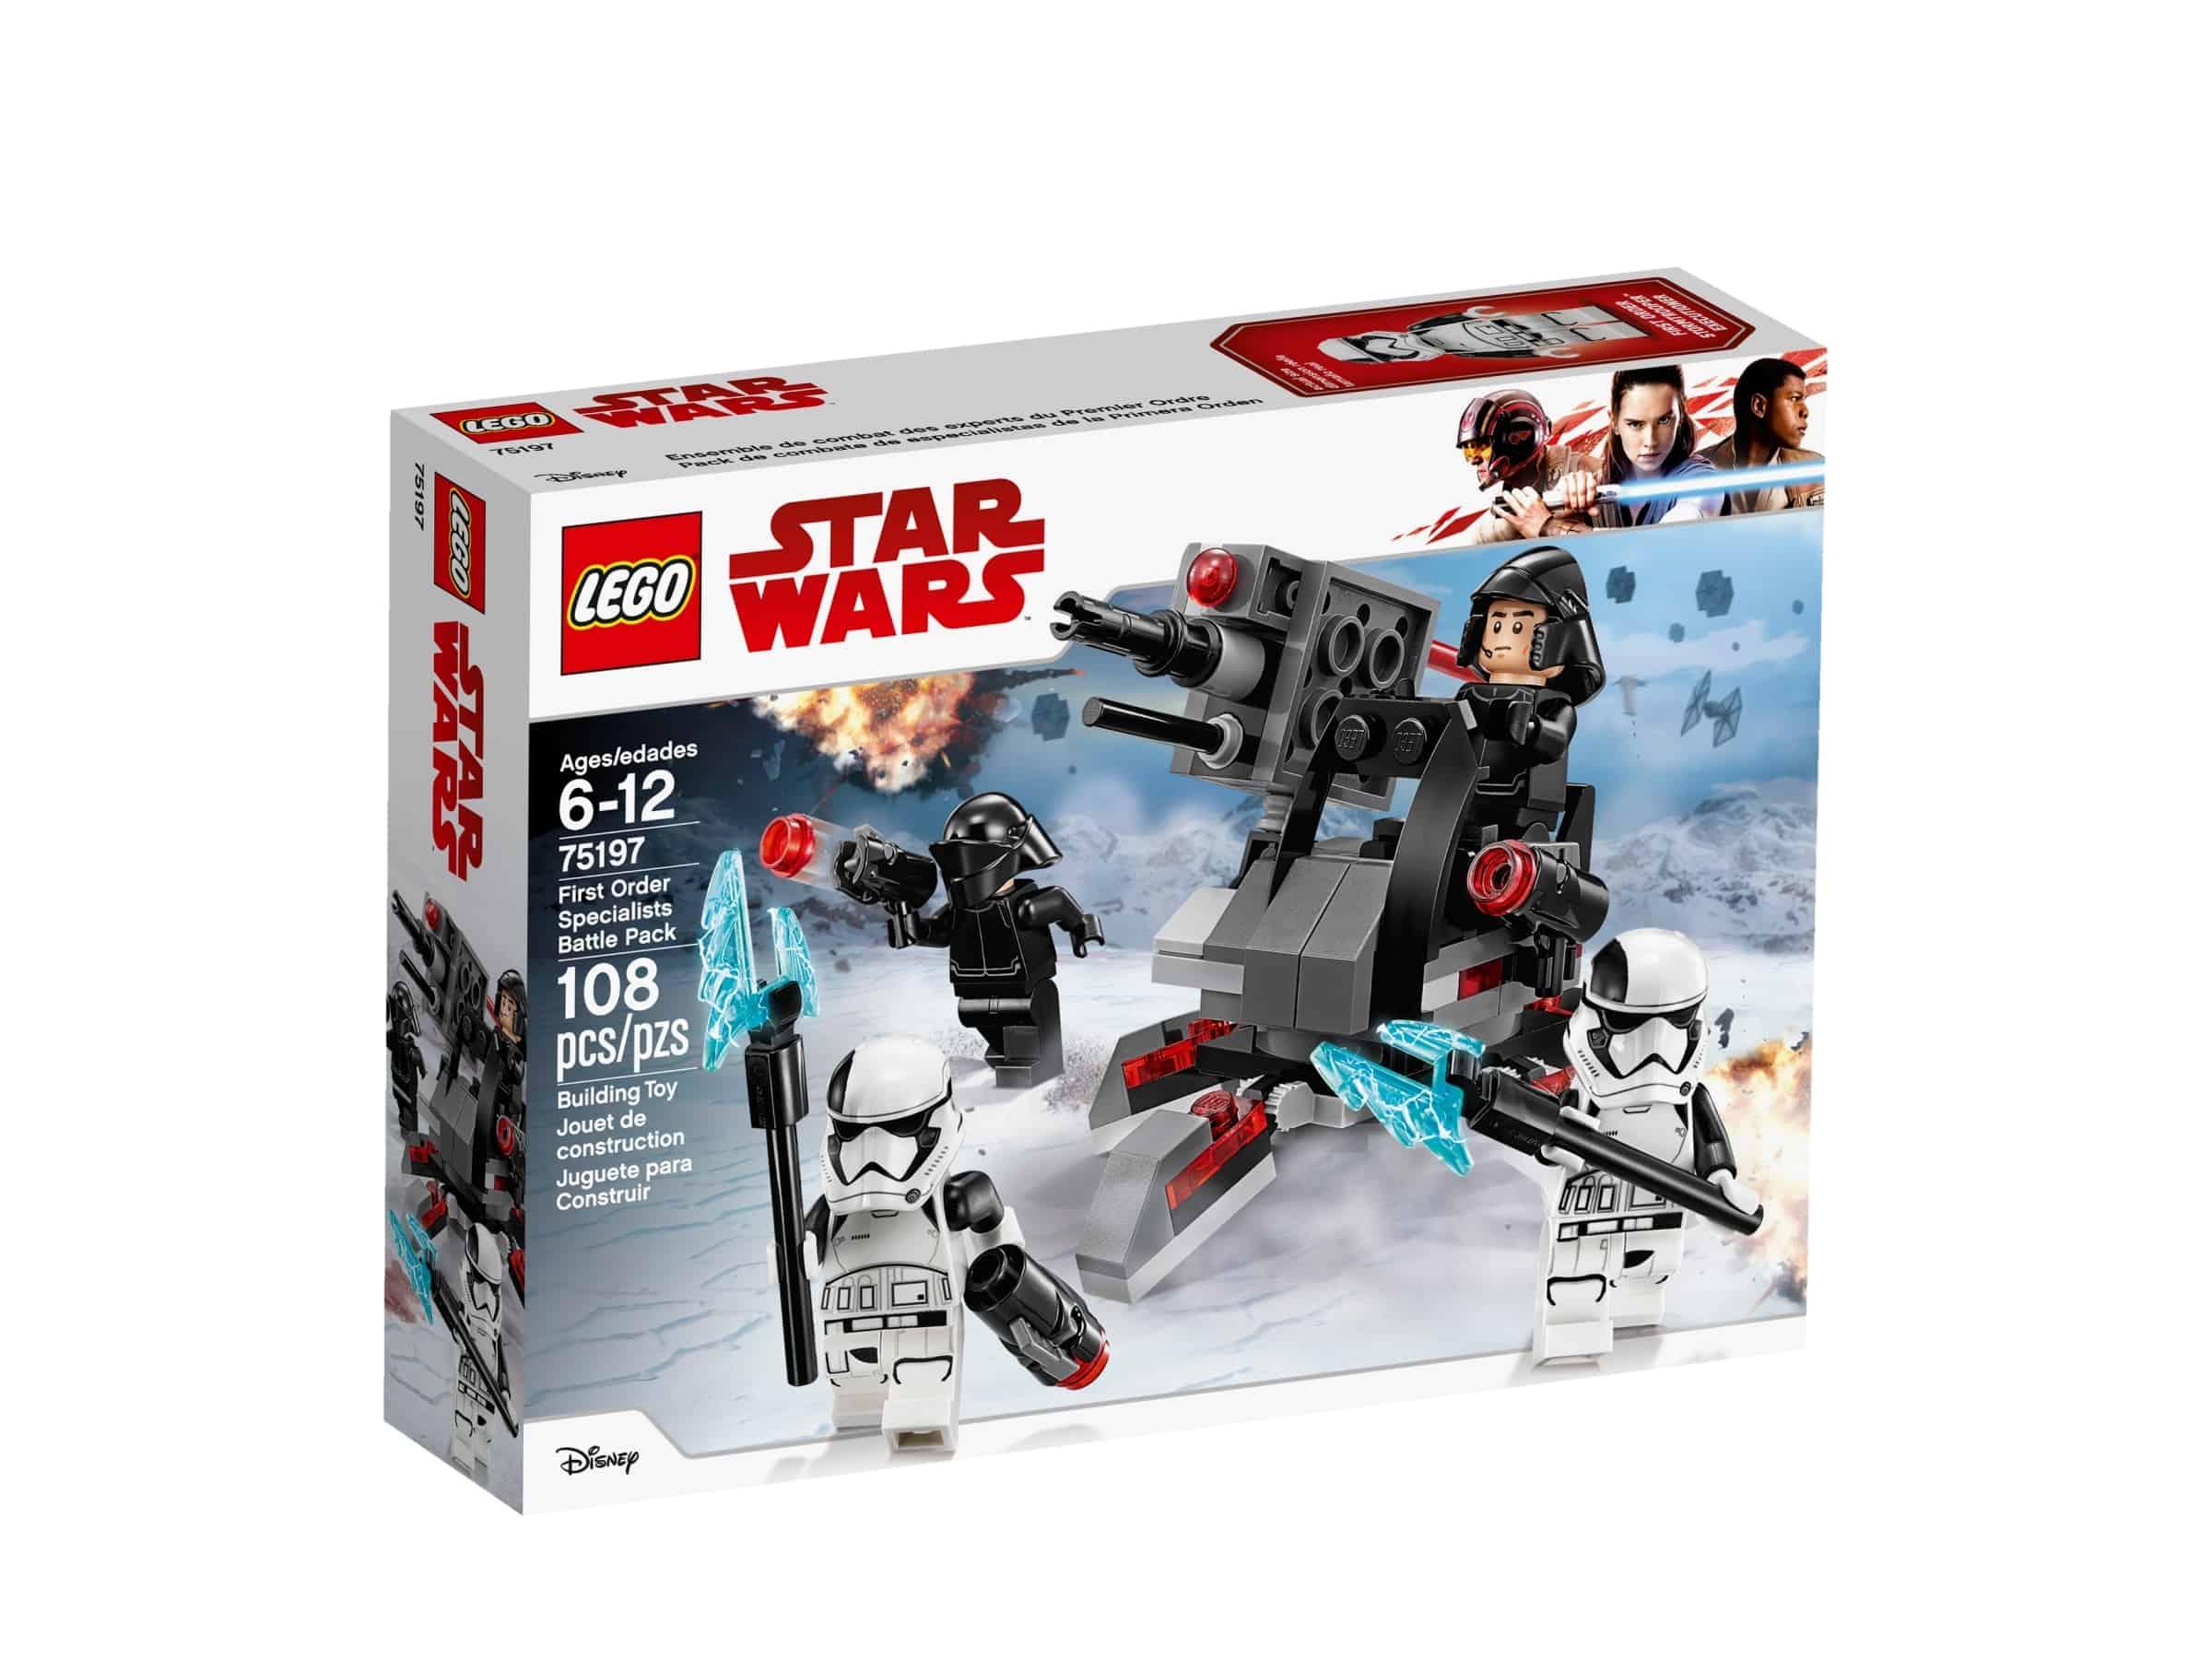 lego 75197 stridspakke first order spesialister